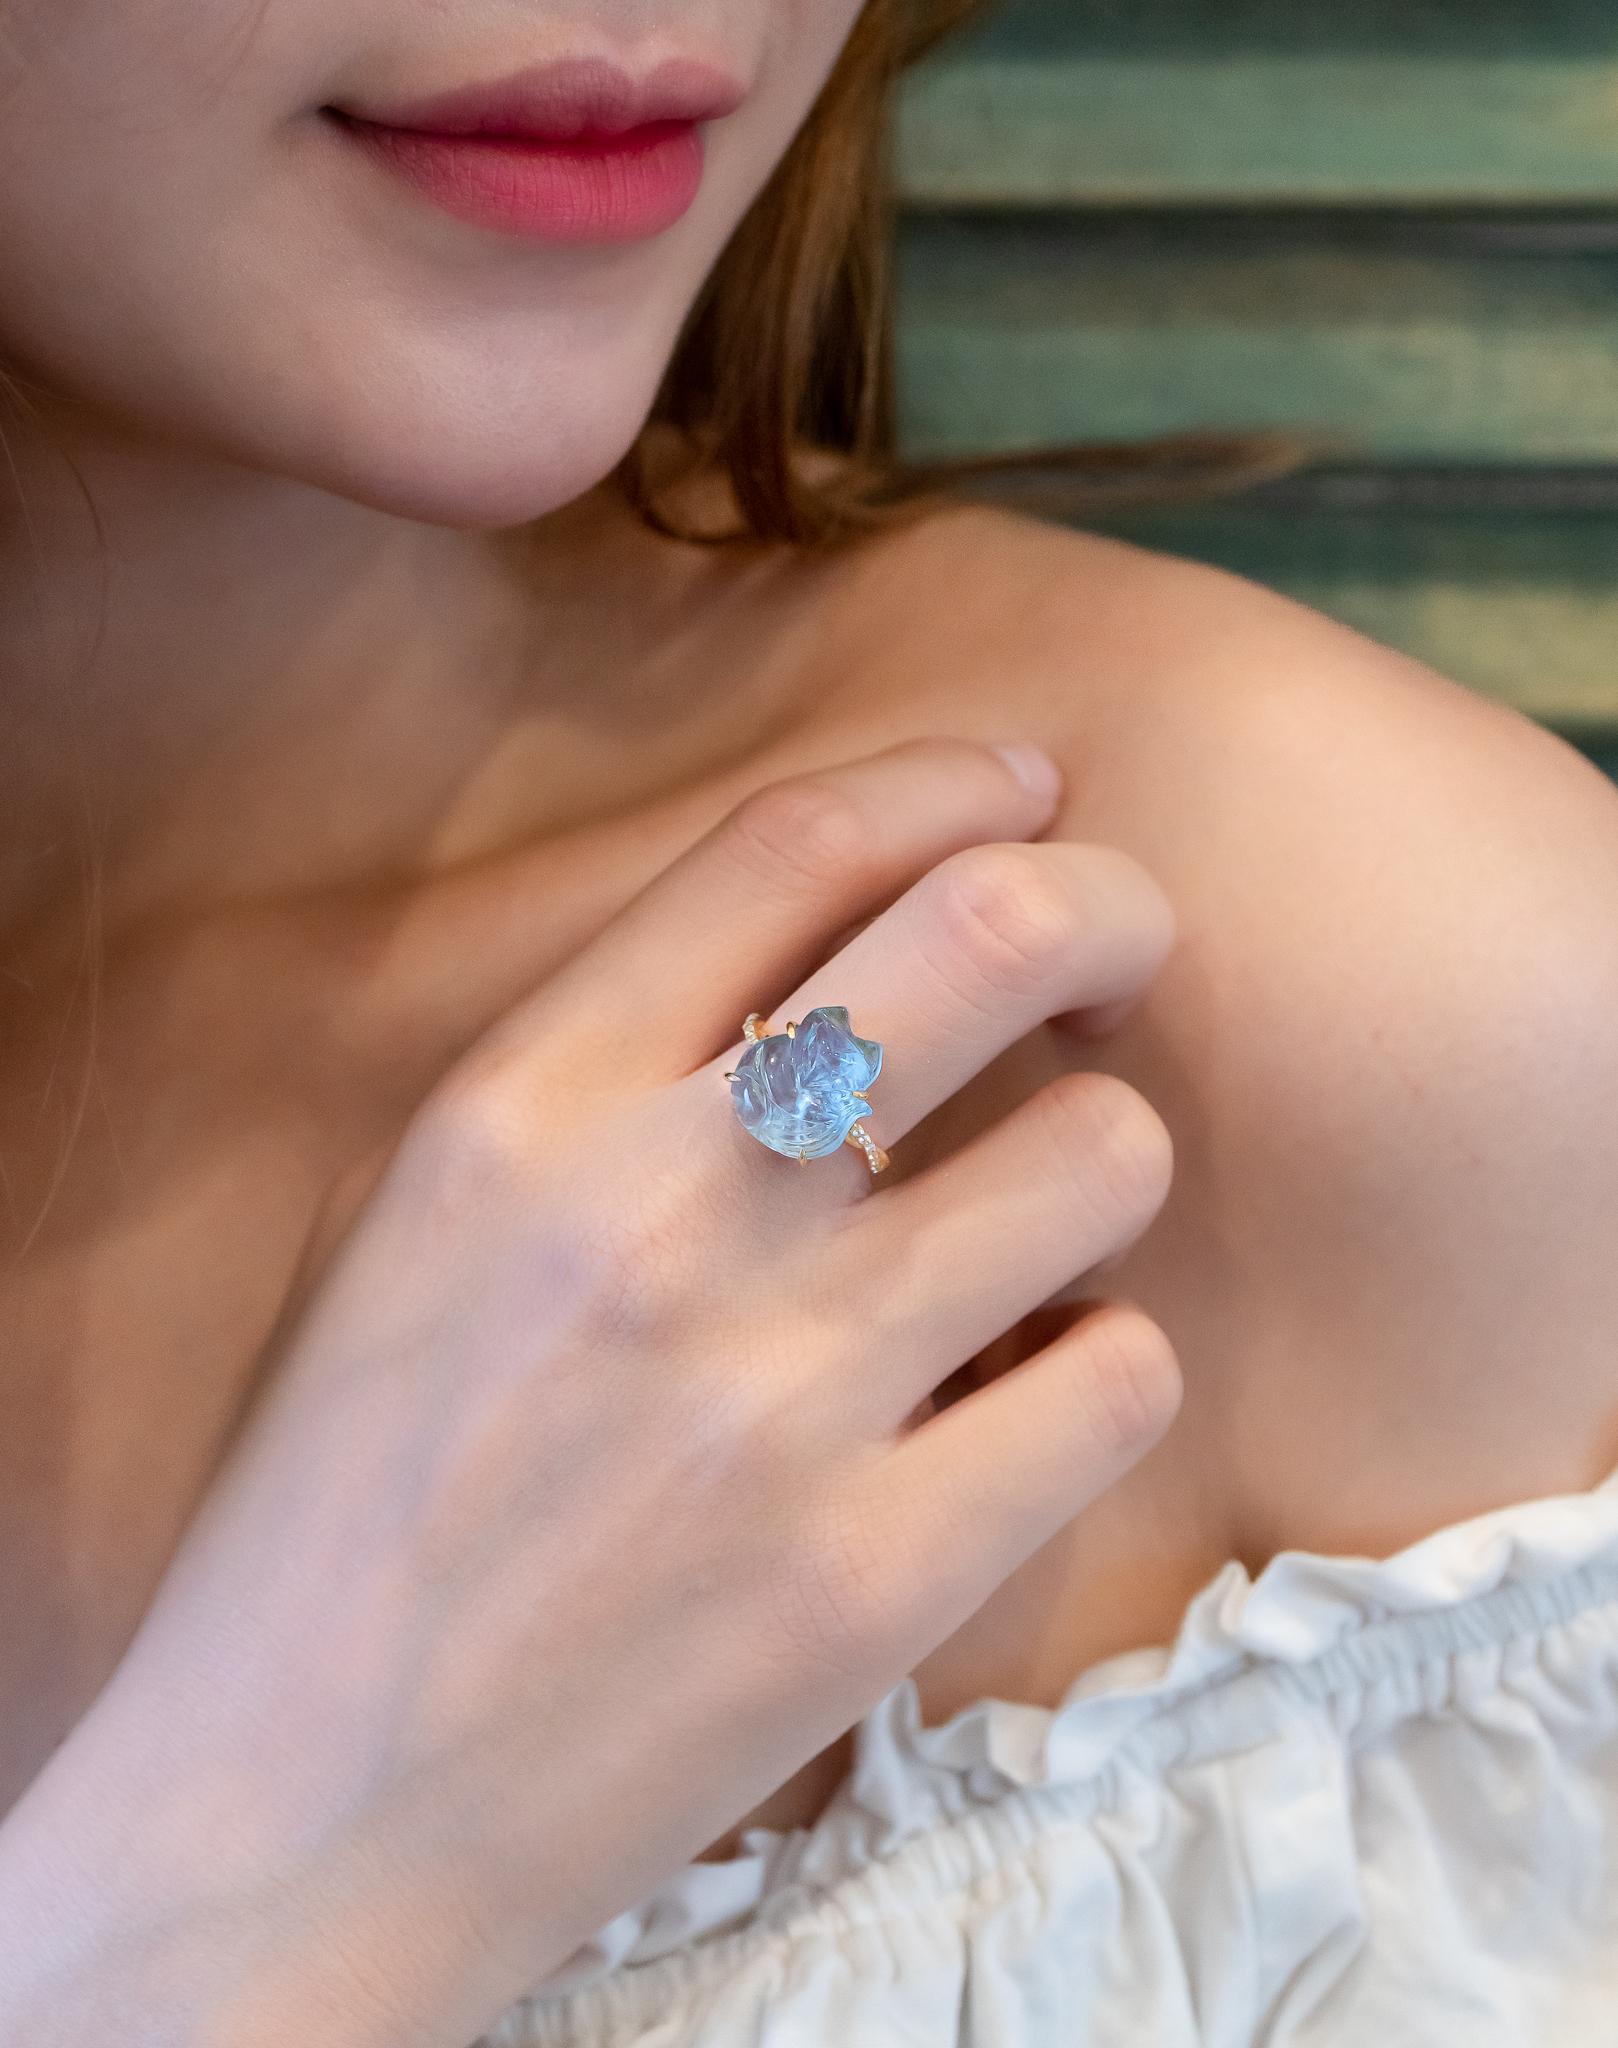 đeo nhẫn hồ ly quay ra